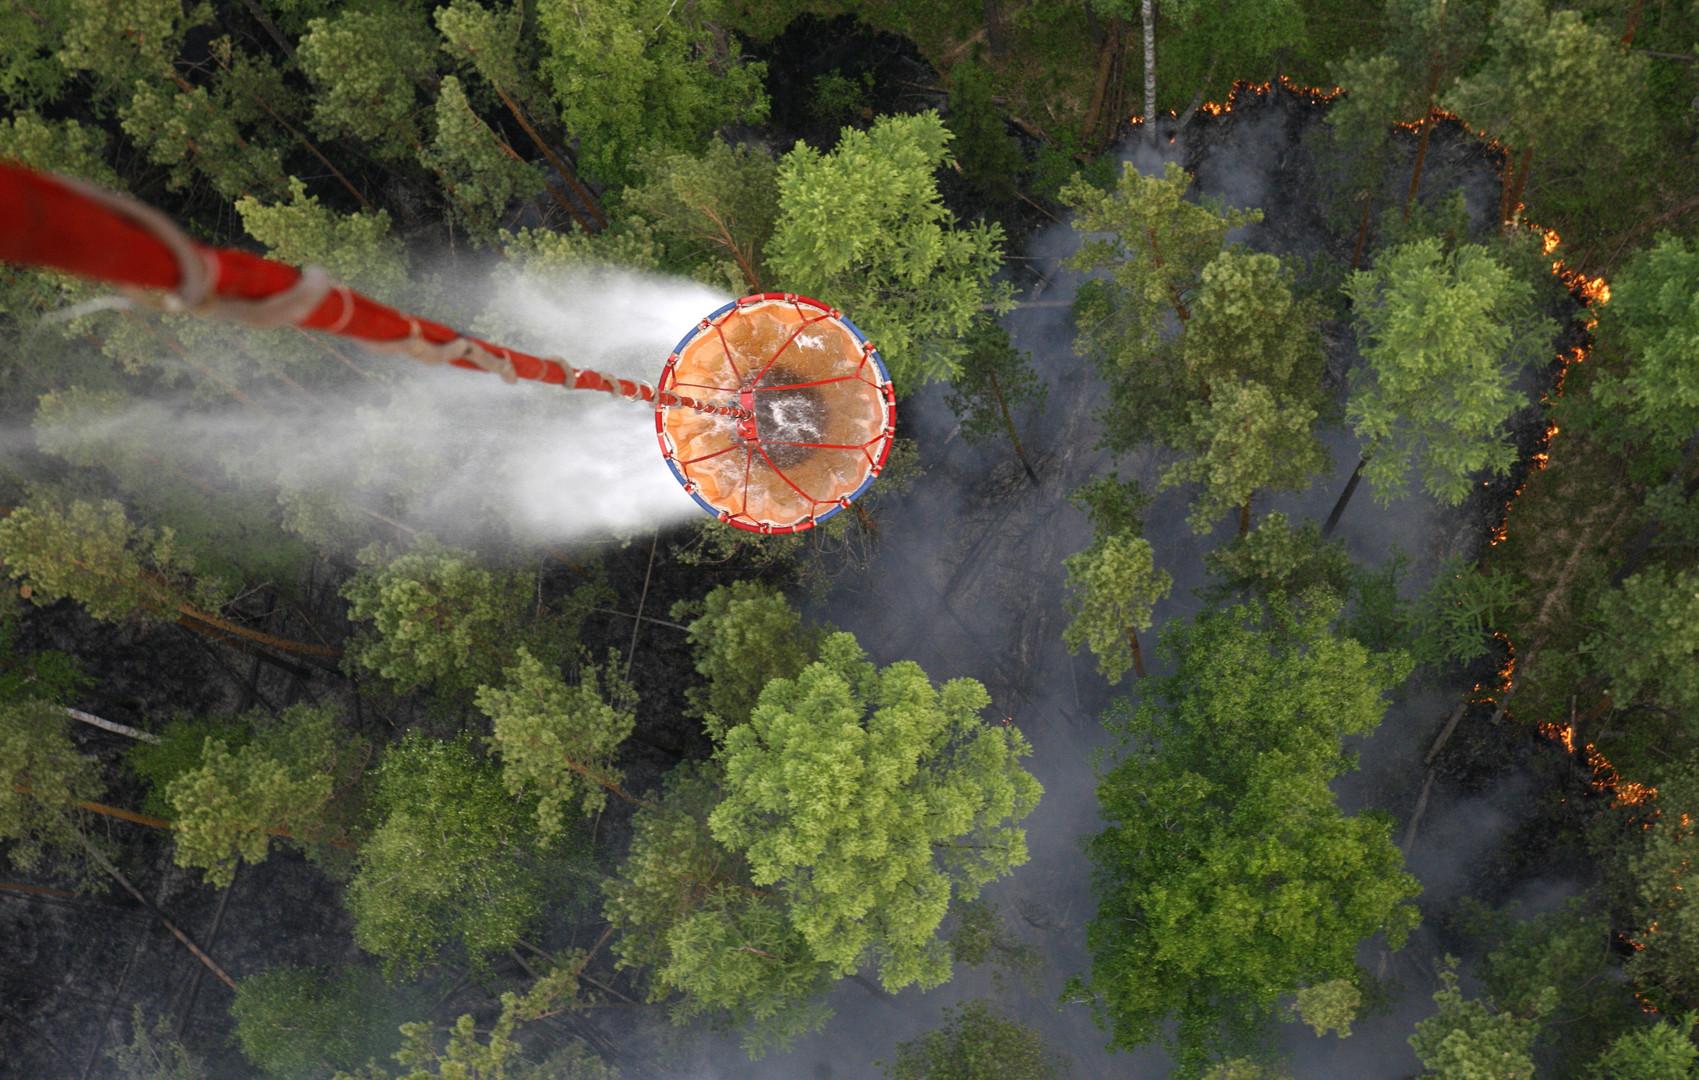 مع استمرار حالة الطوارئ في 4 أقاليم روسية.. إخماد 50 حريق غابات خلال 24 ساعة